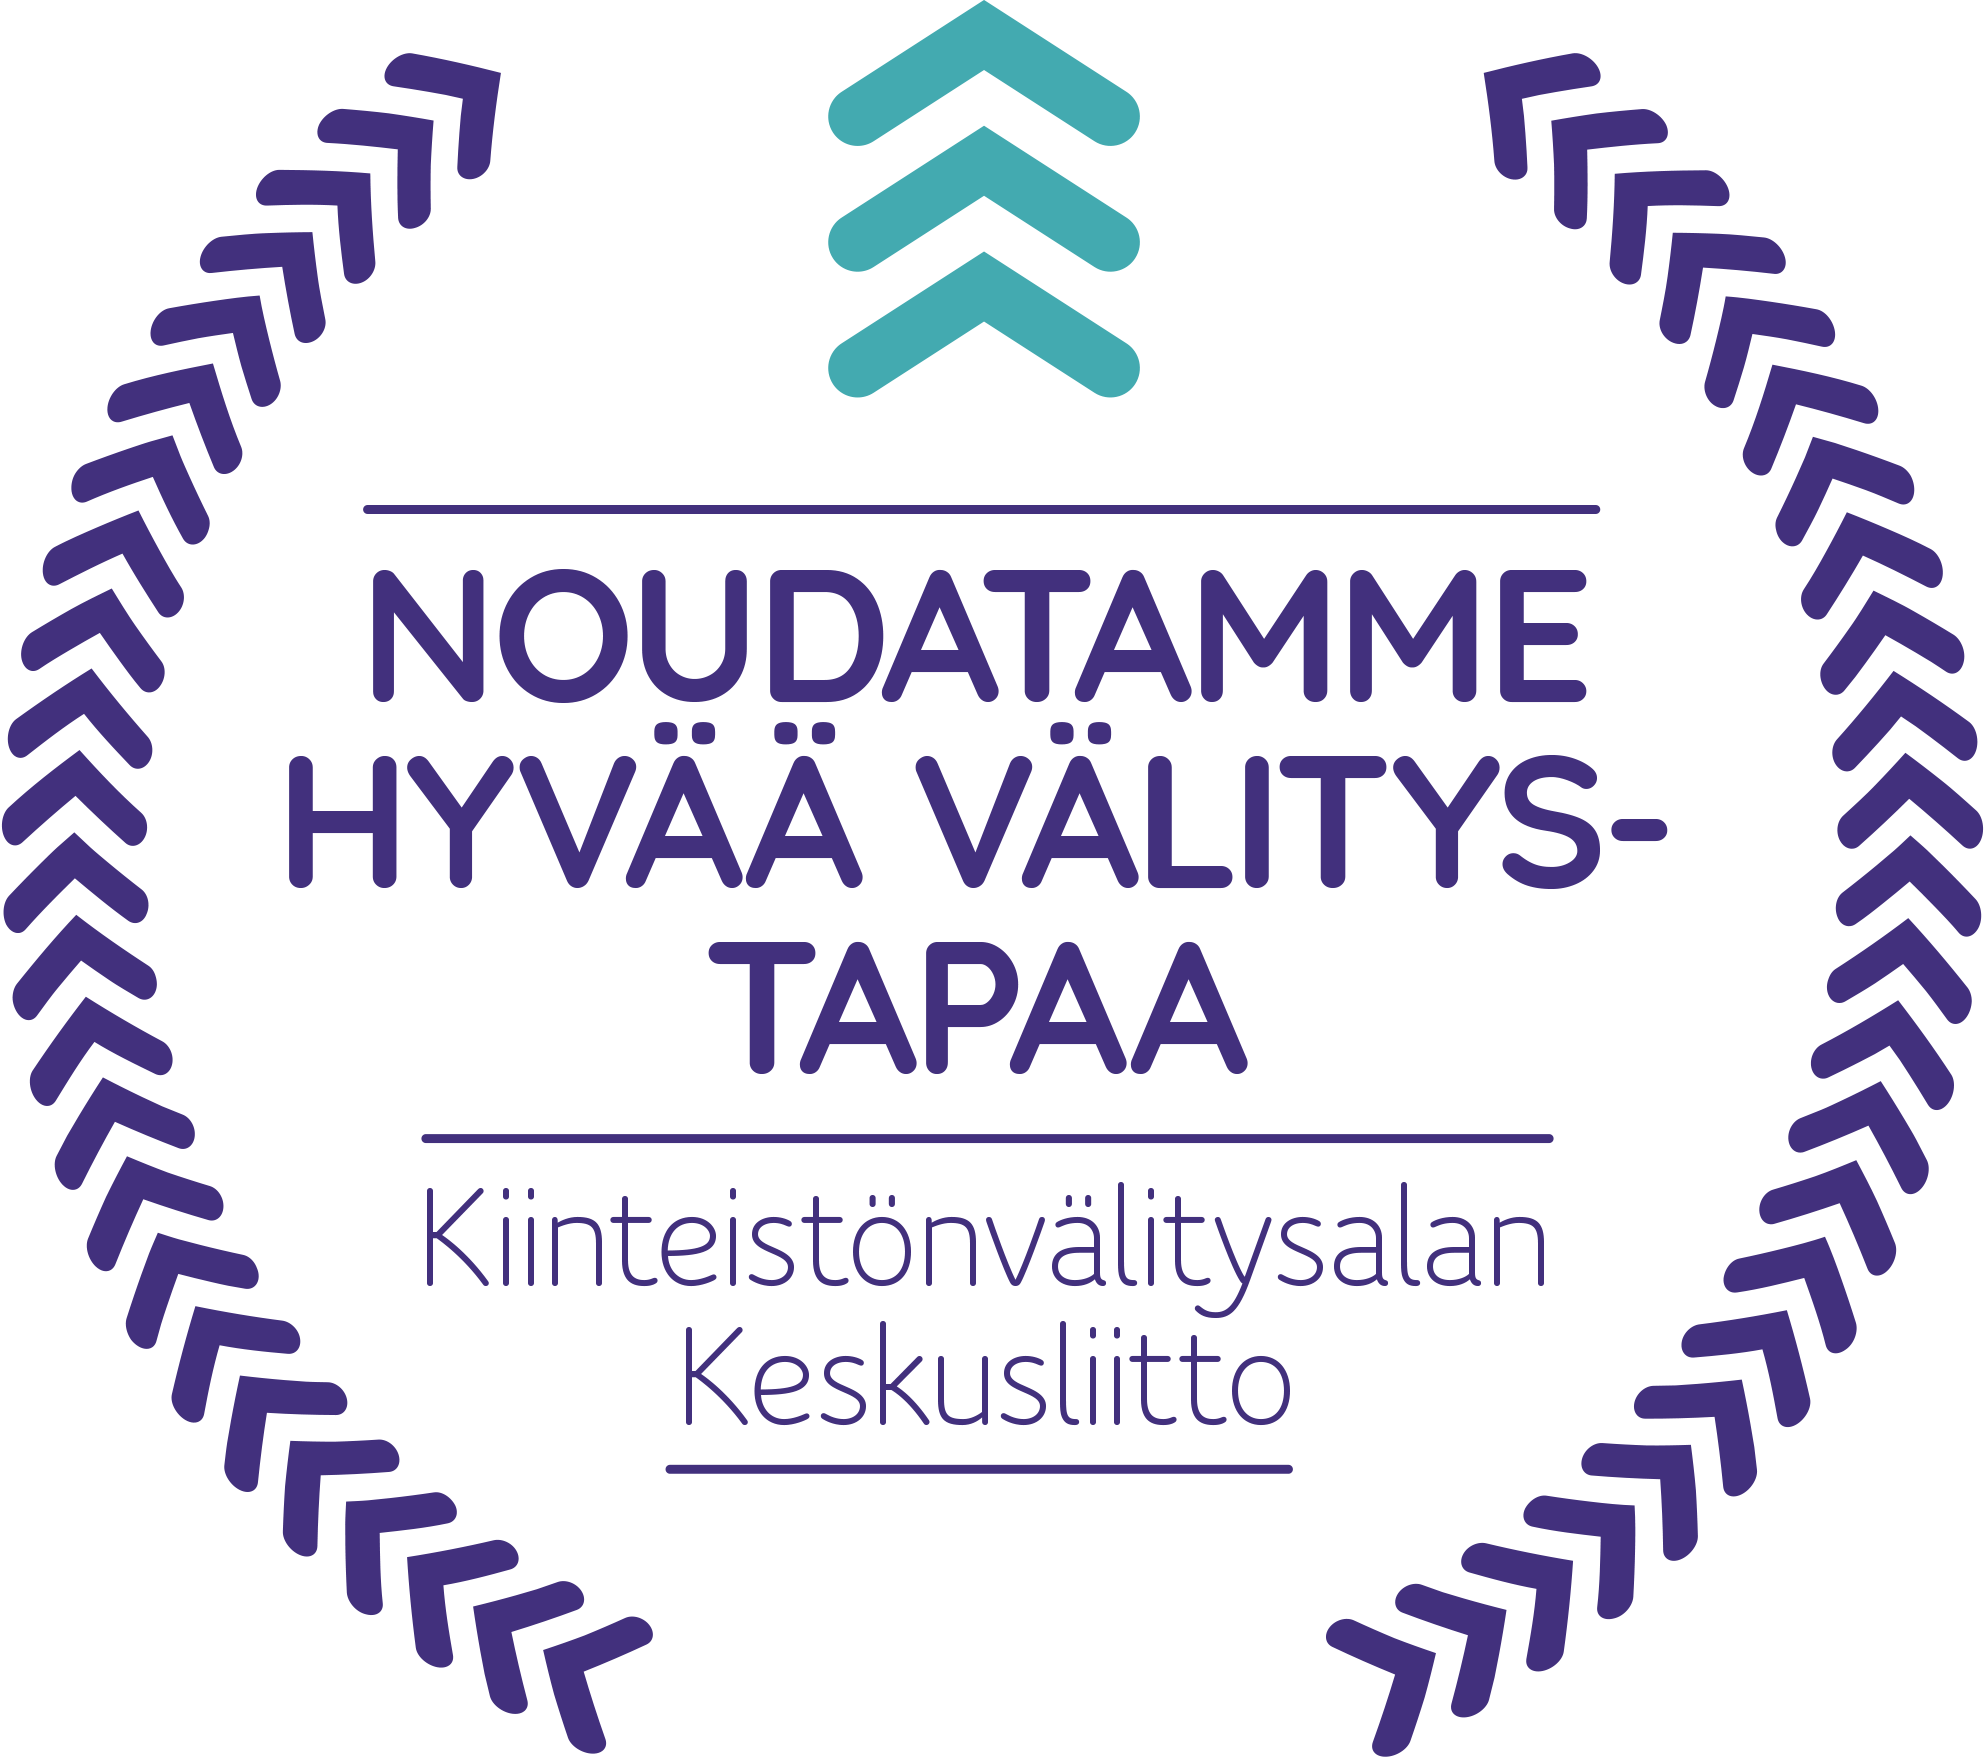 KVKL-hyva-valitystapa